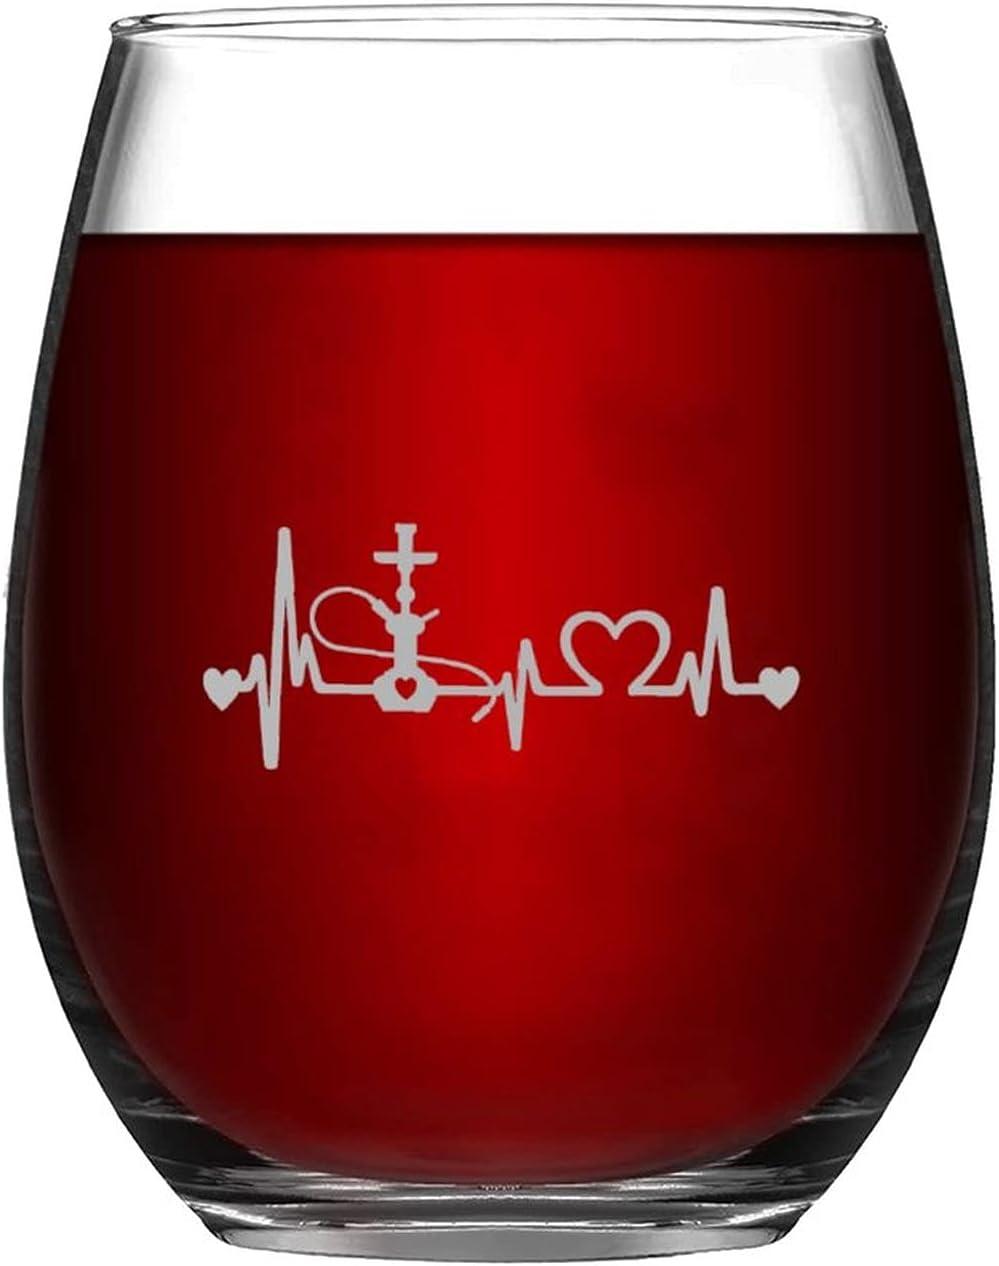 Vaso de vino divertido y chic con cachimba Heartbeat Lifeline sin tallo, grabado láser, para whisky, vino tinto y soda, regalo para amantes del vino, mamá, papá, amiga o ella